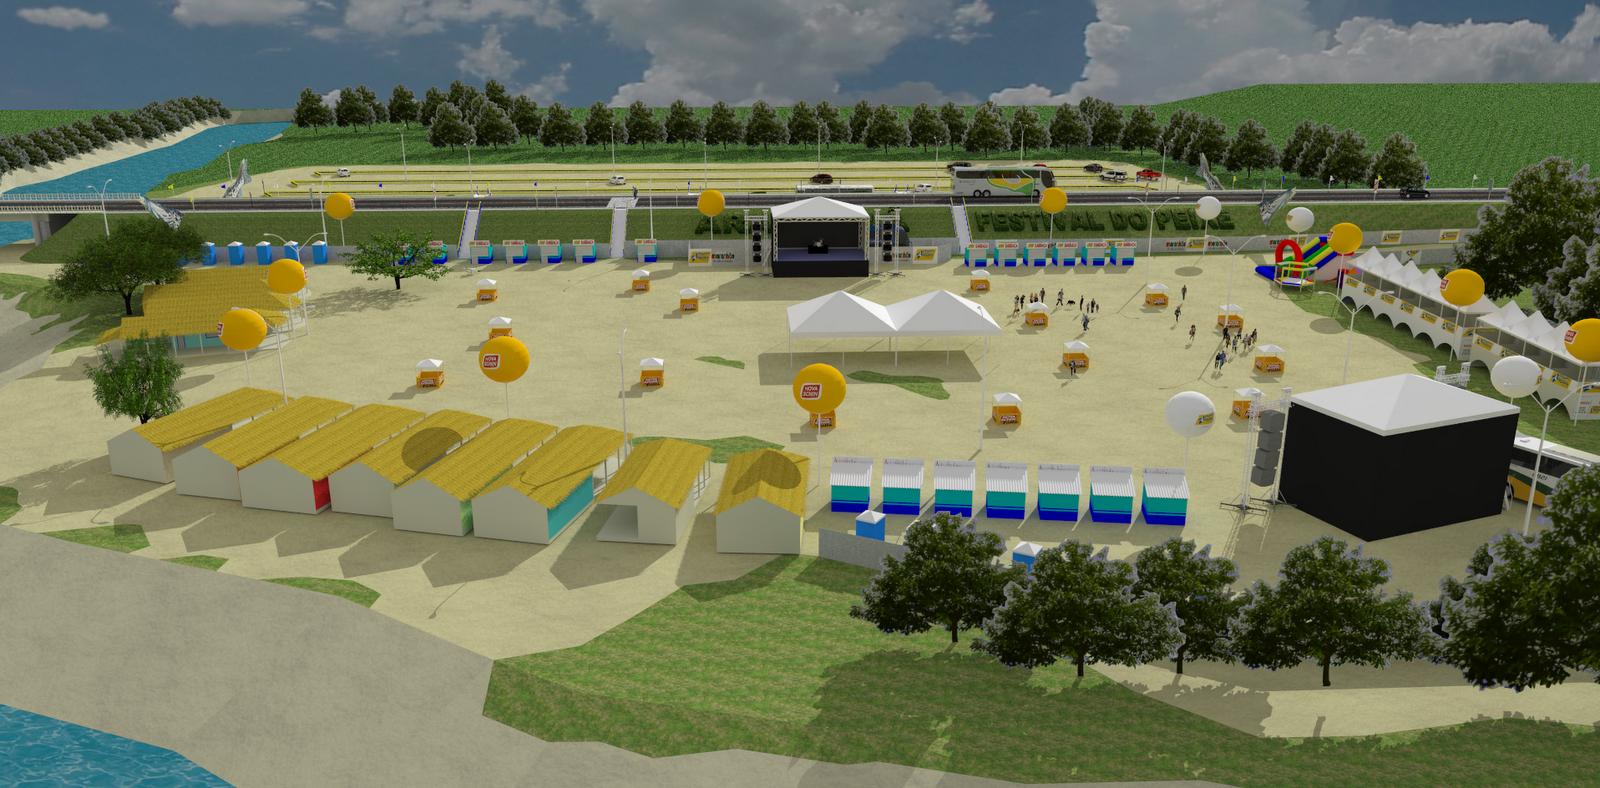 maquete do Festival (clique na imagem para ampliar) #182B81 1600 788